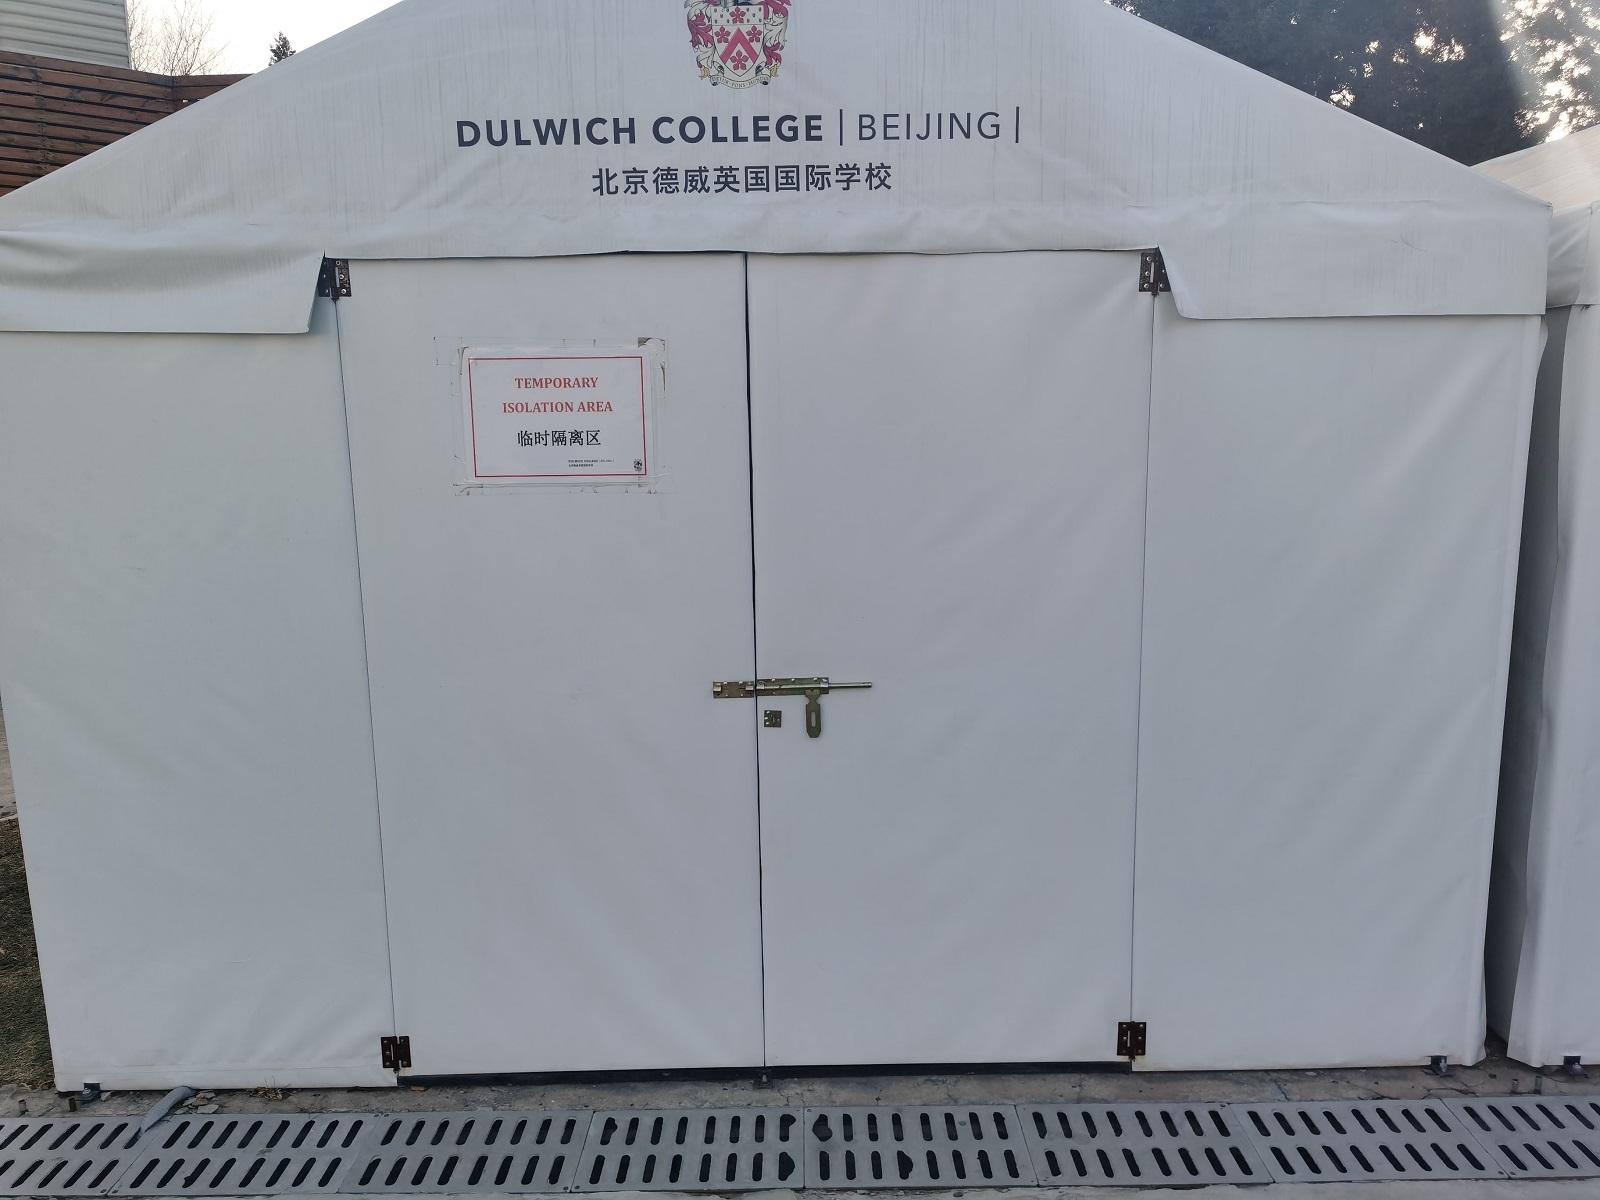 isolation tent